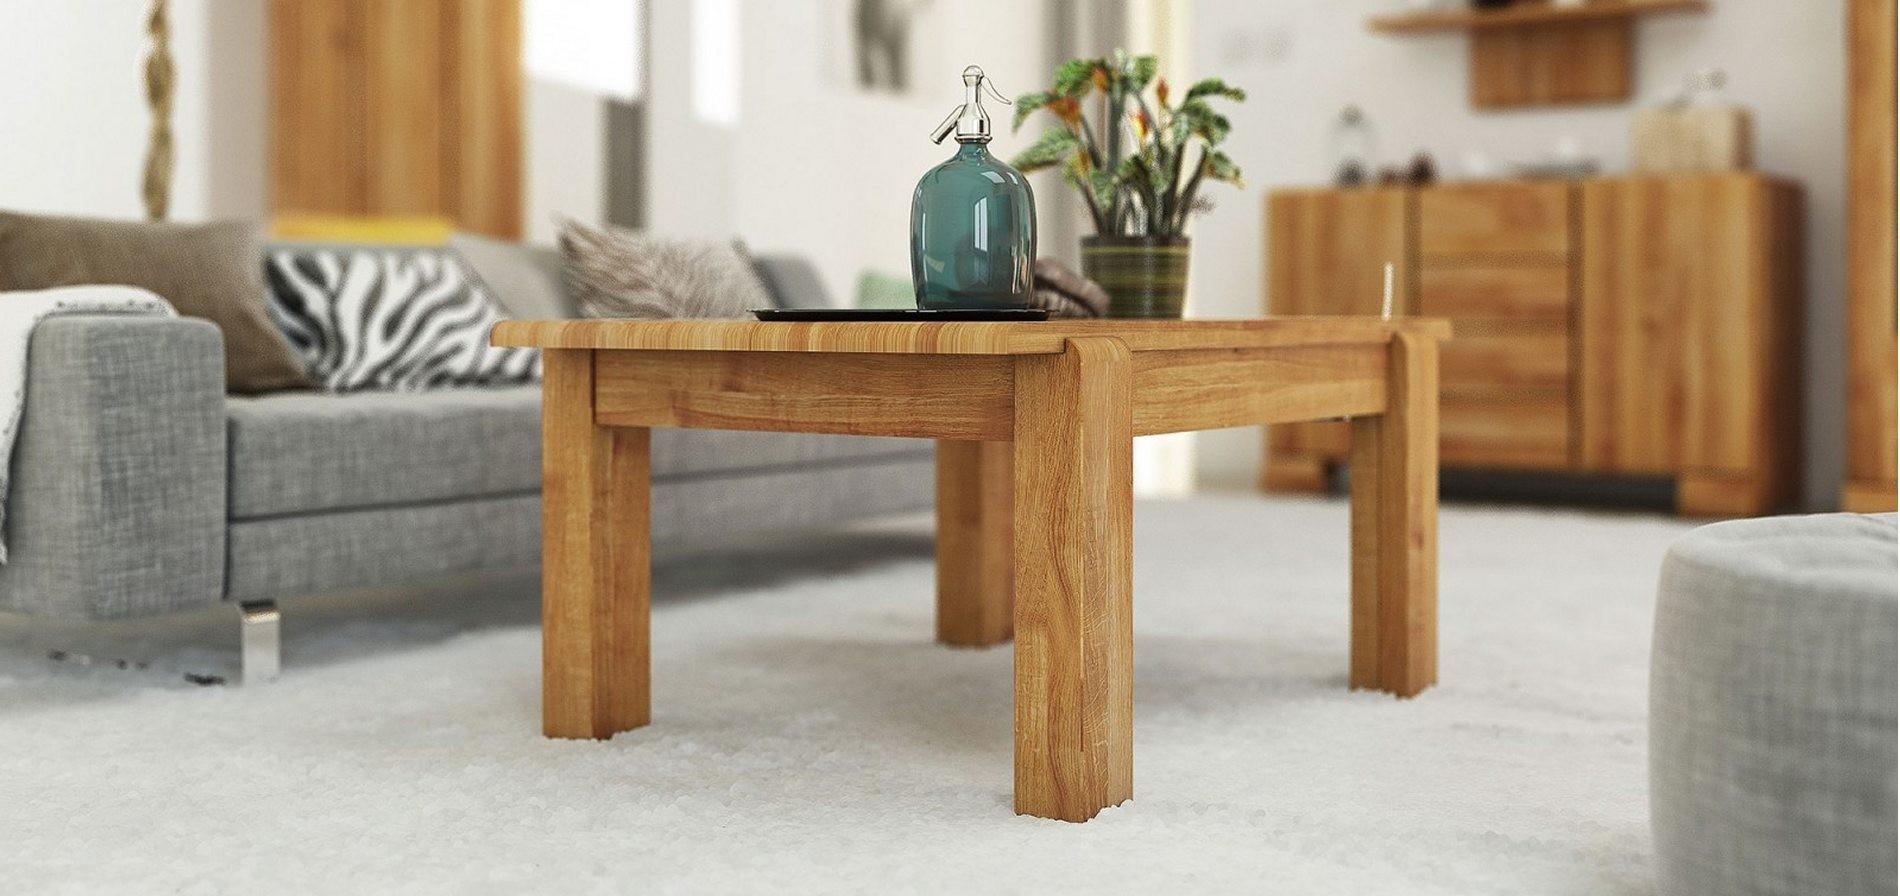 Table basse en bois hetre